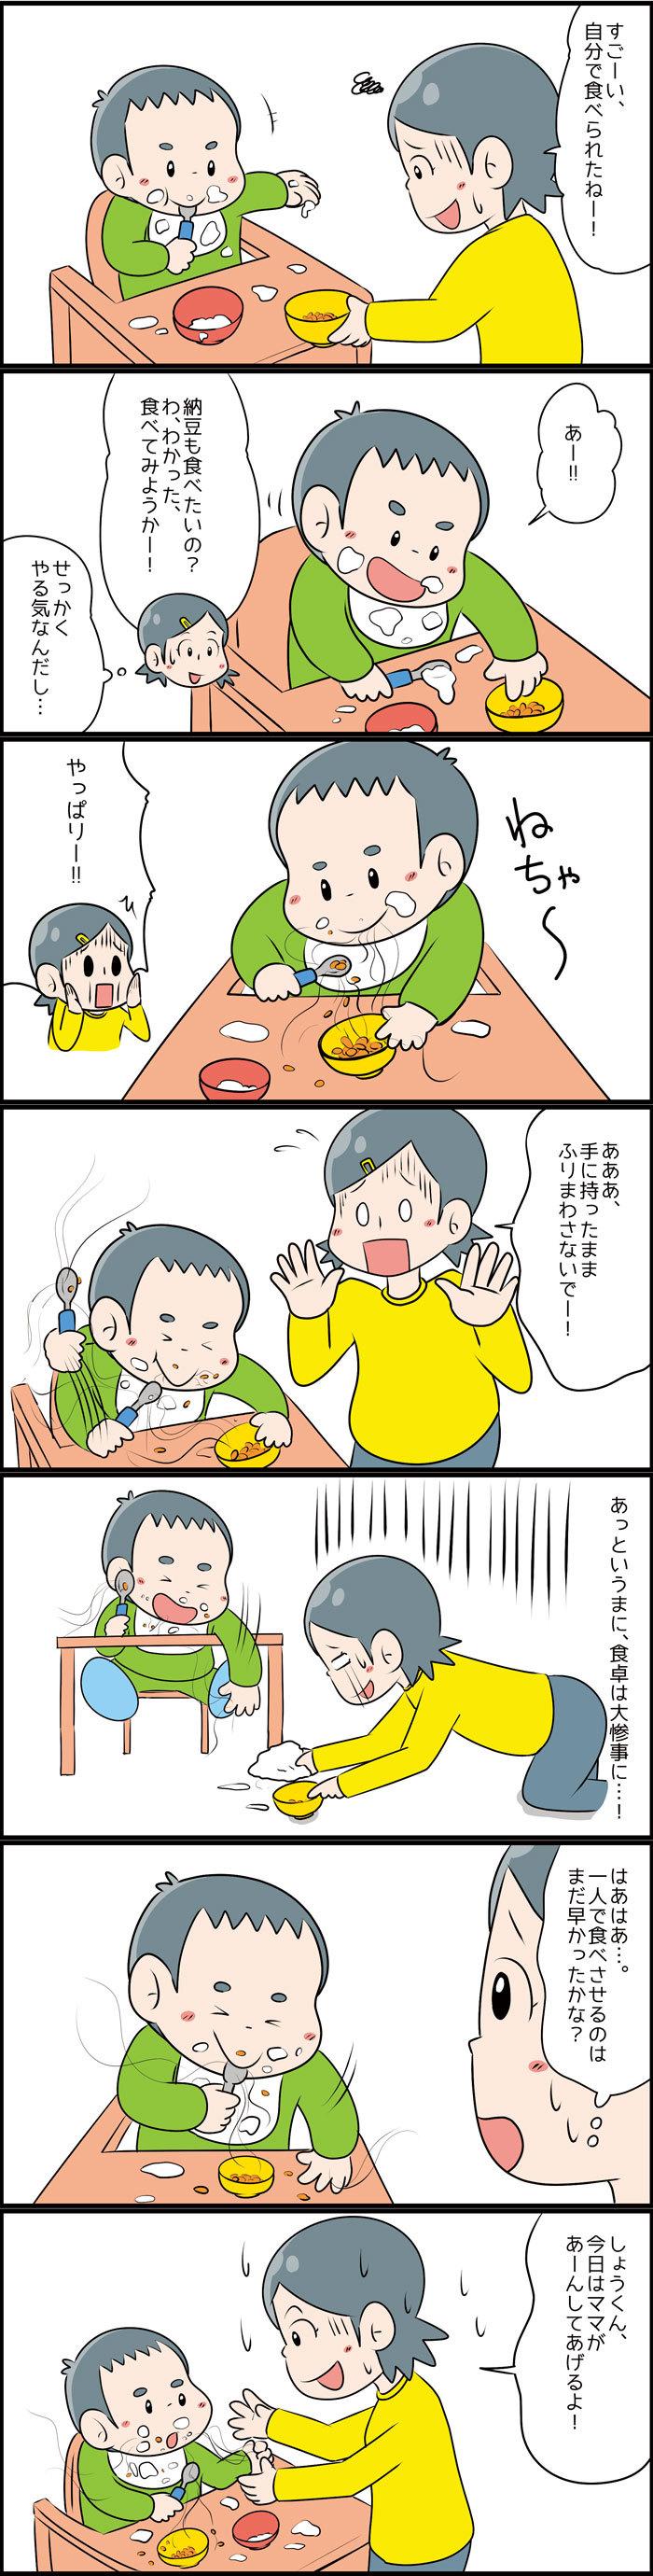 """自分で食べさせたら大変なことに!順調だった離乳食で、初めて""""試練""""を感じた話の画像3"""